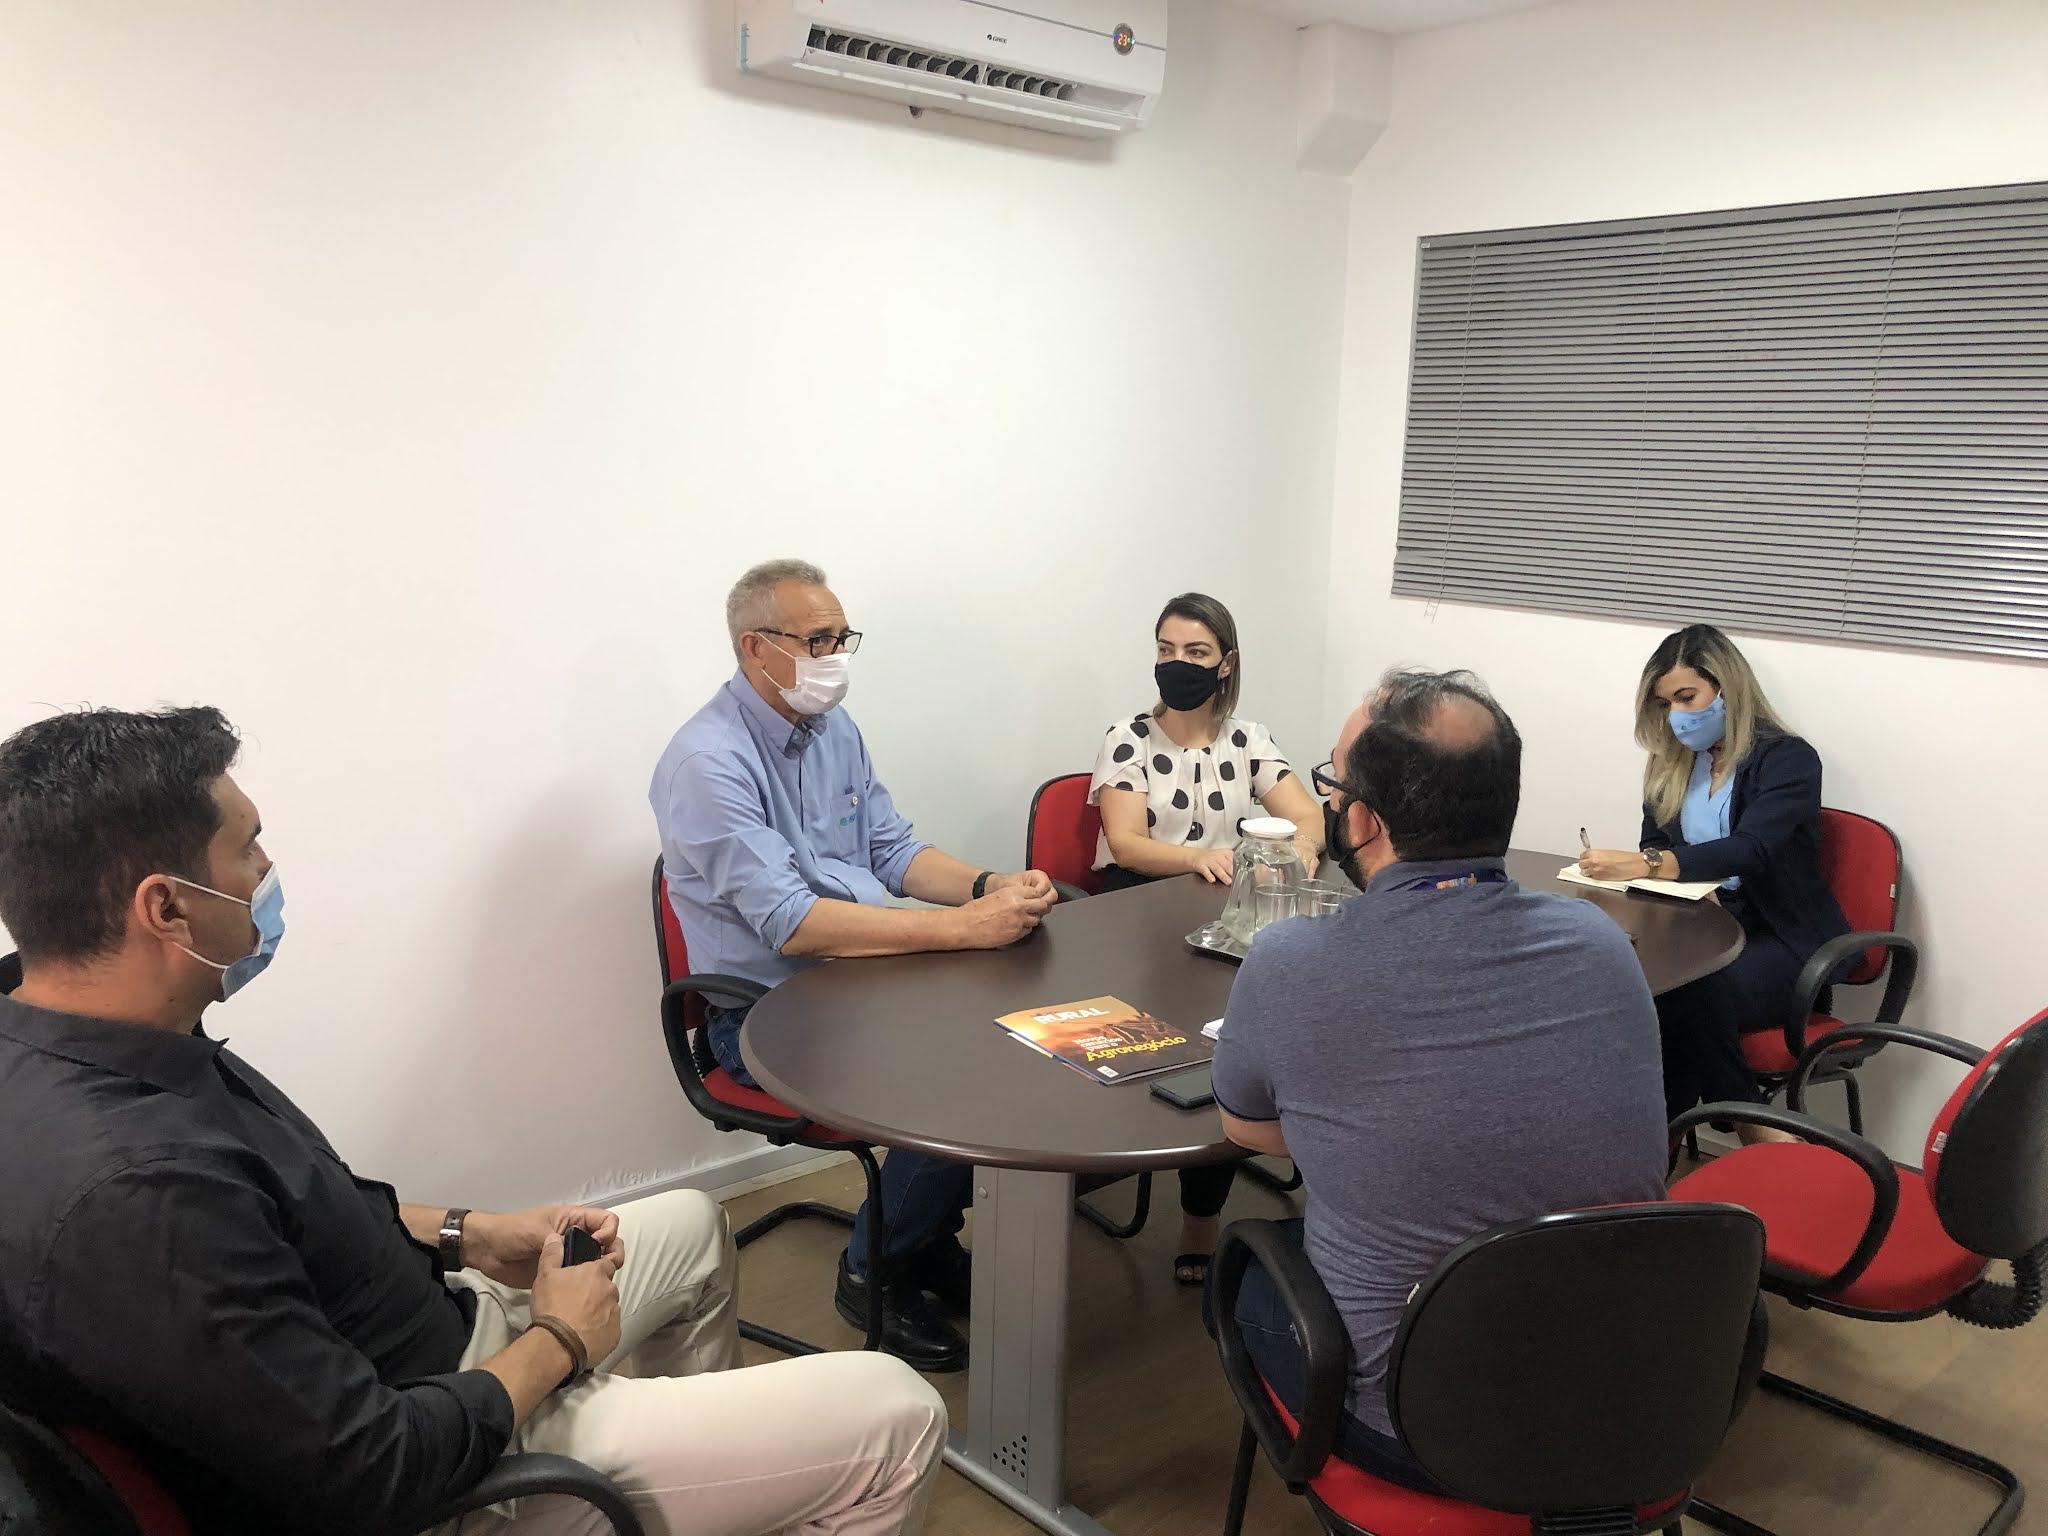 Aiba e Unifasb/Uninassau dialogam sobre futuras parcerias